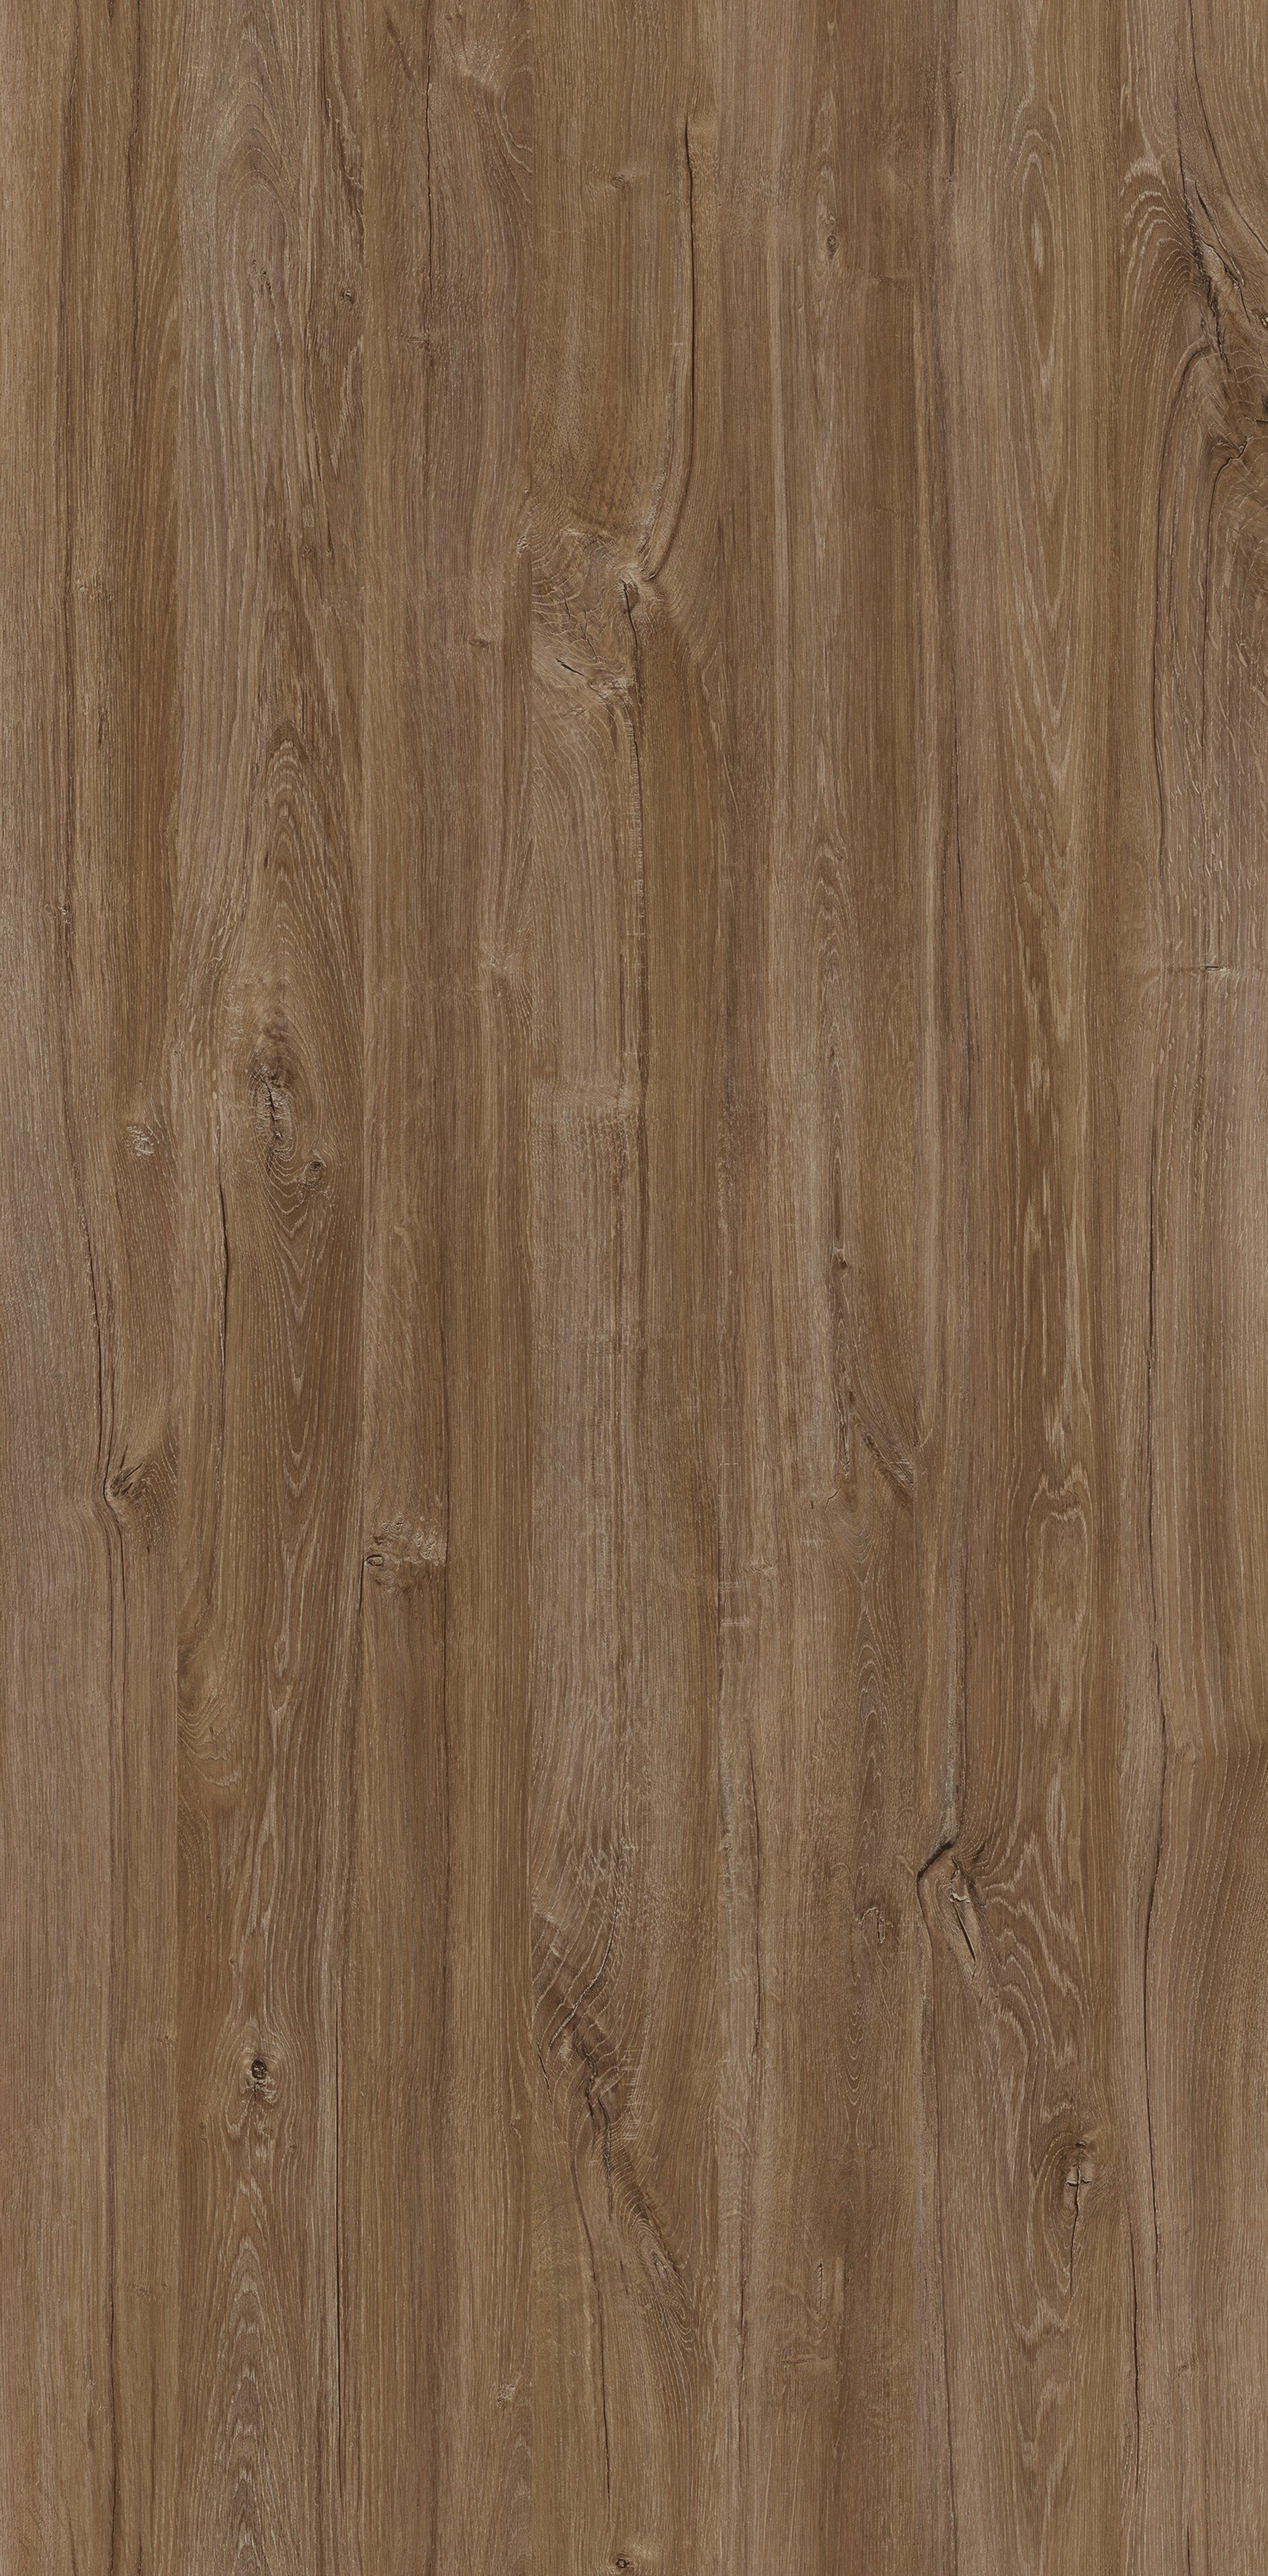 Fremantle Oak L606